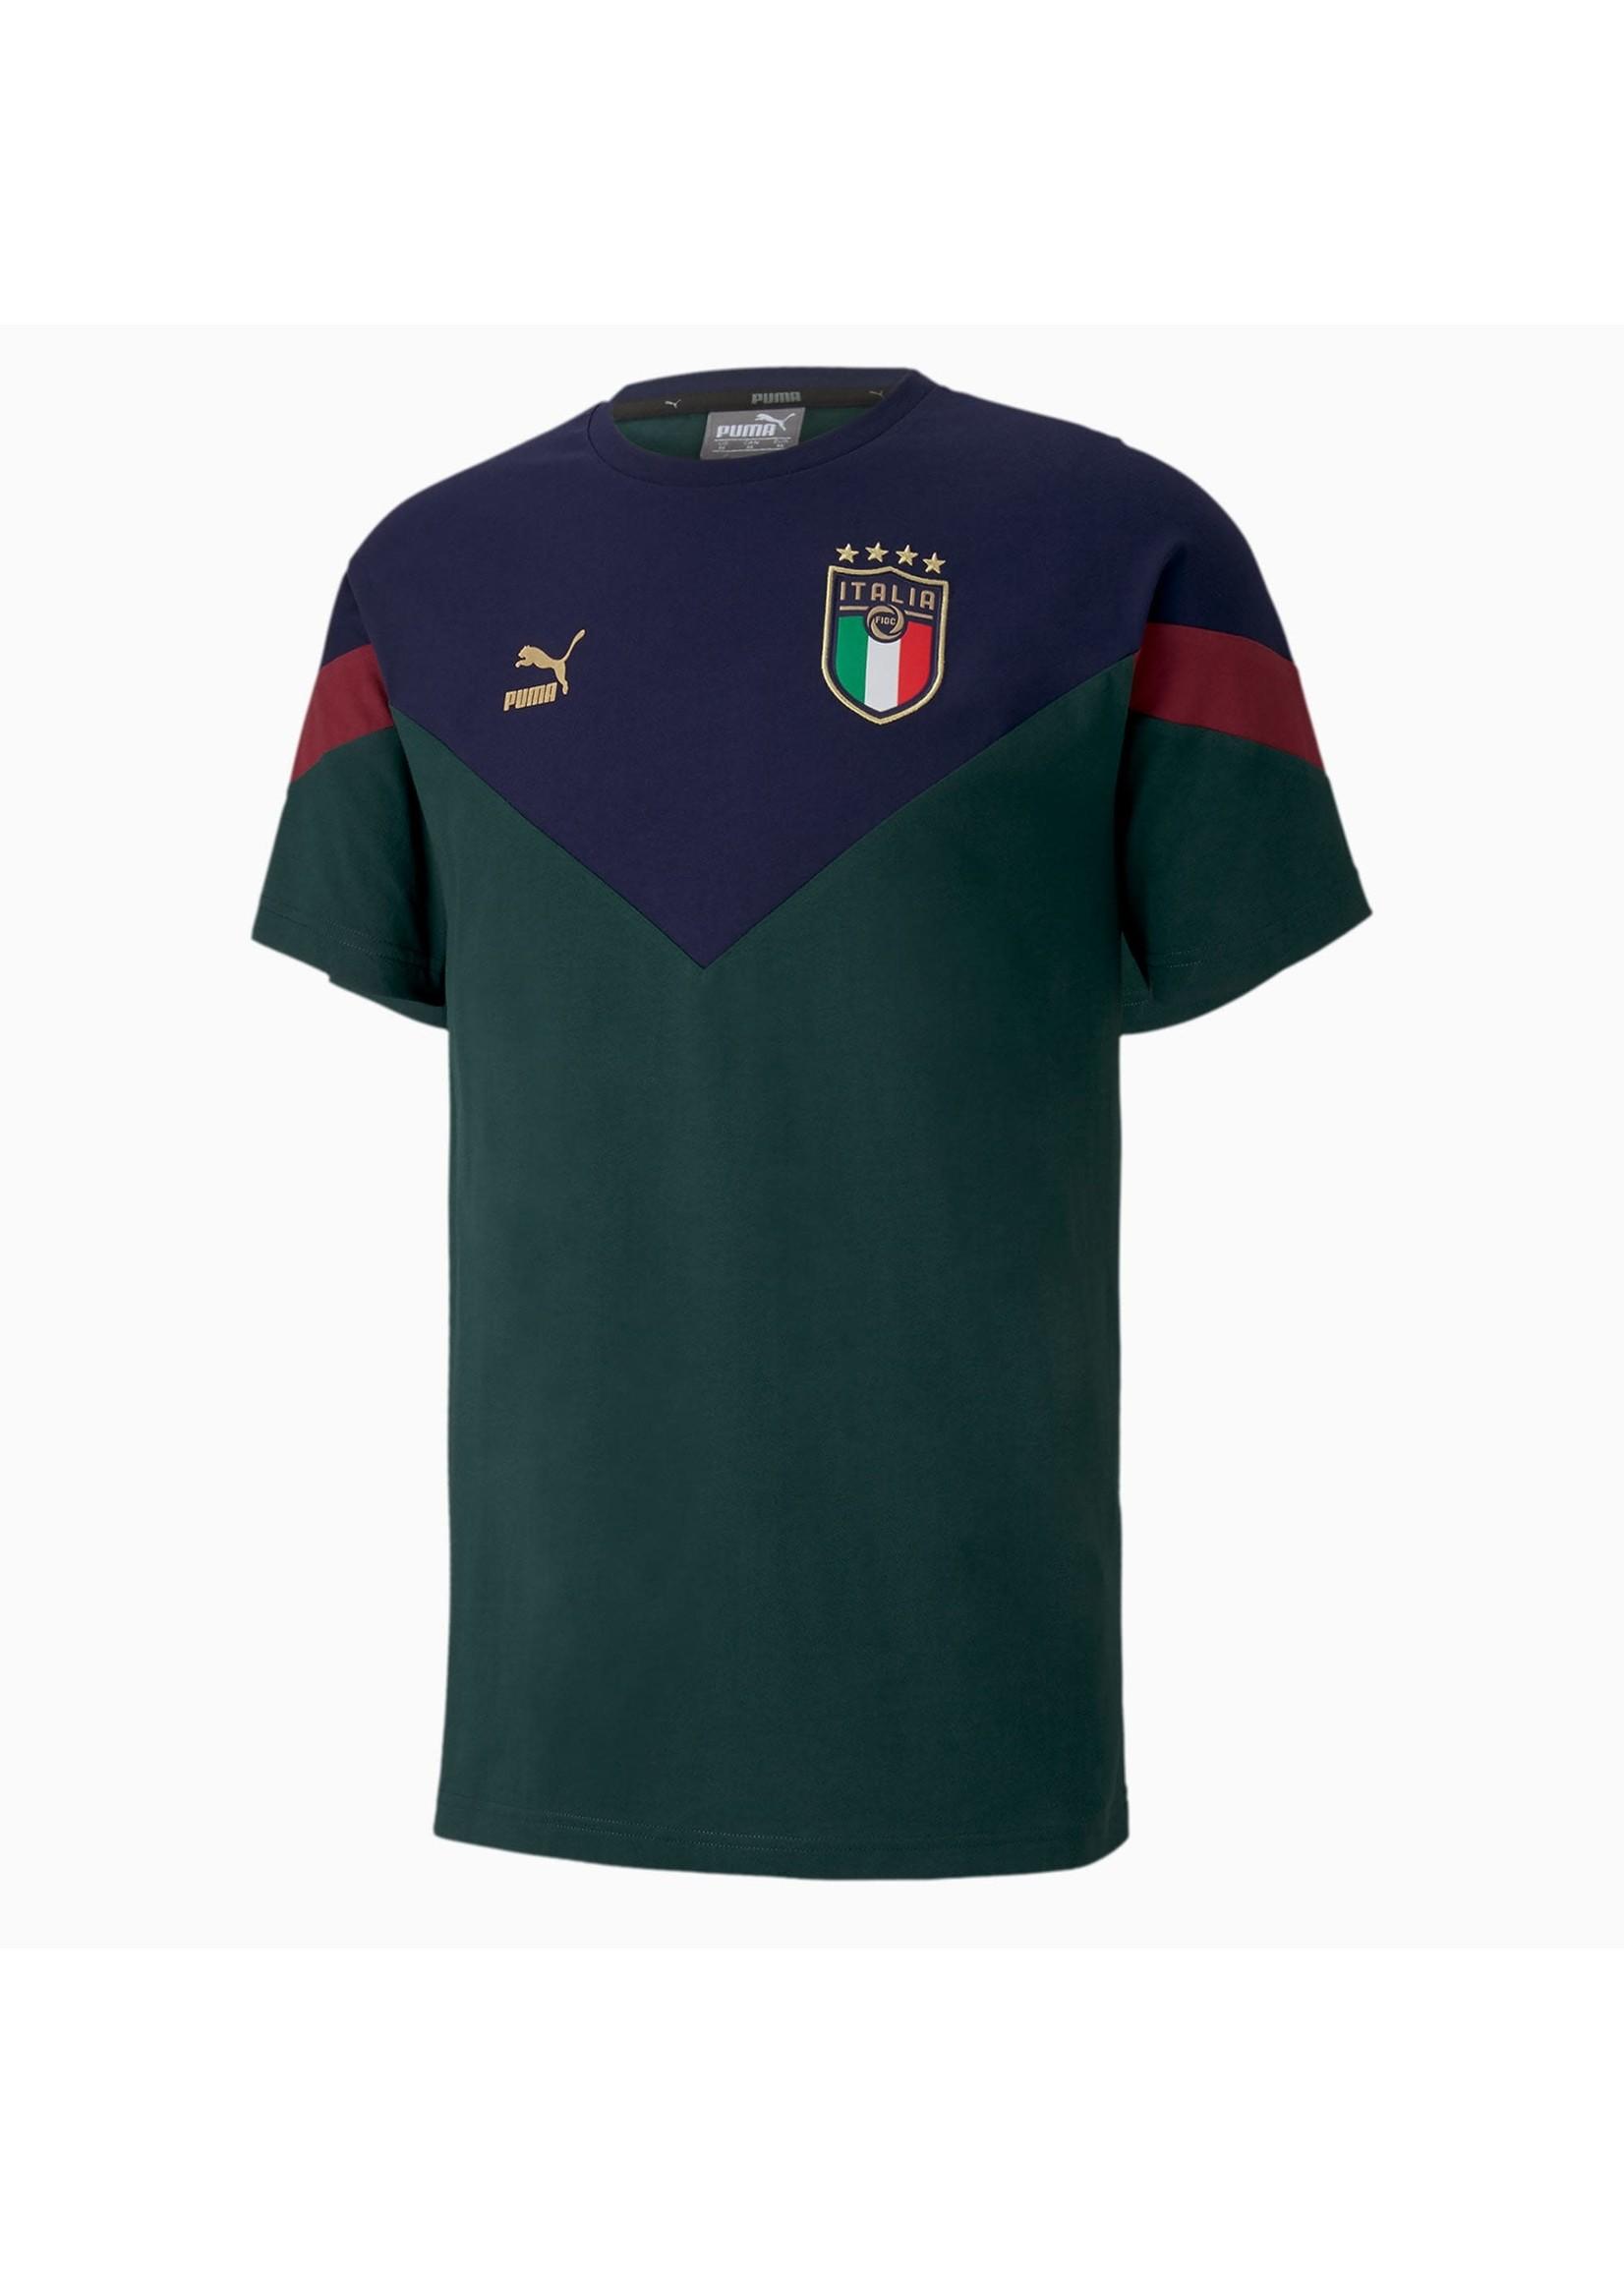 Puma Italy T-Shirt - 756660 02